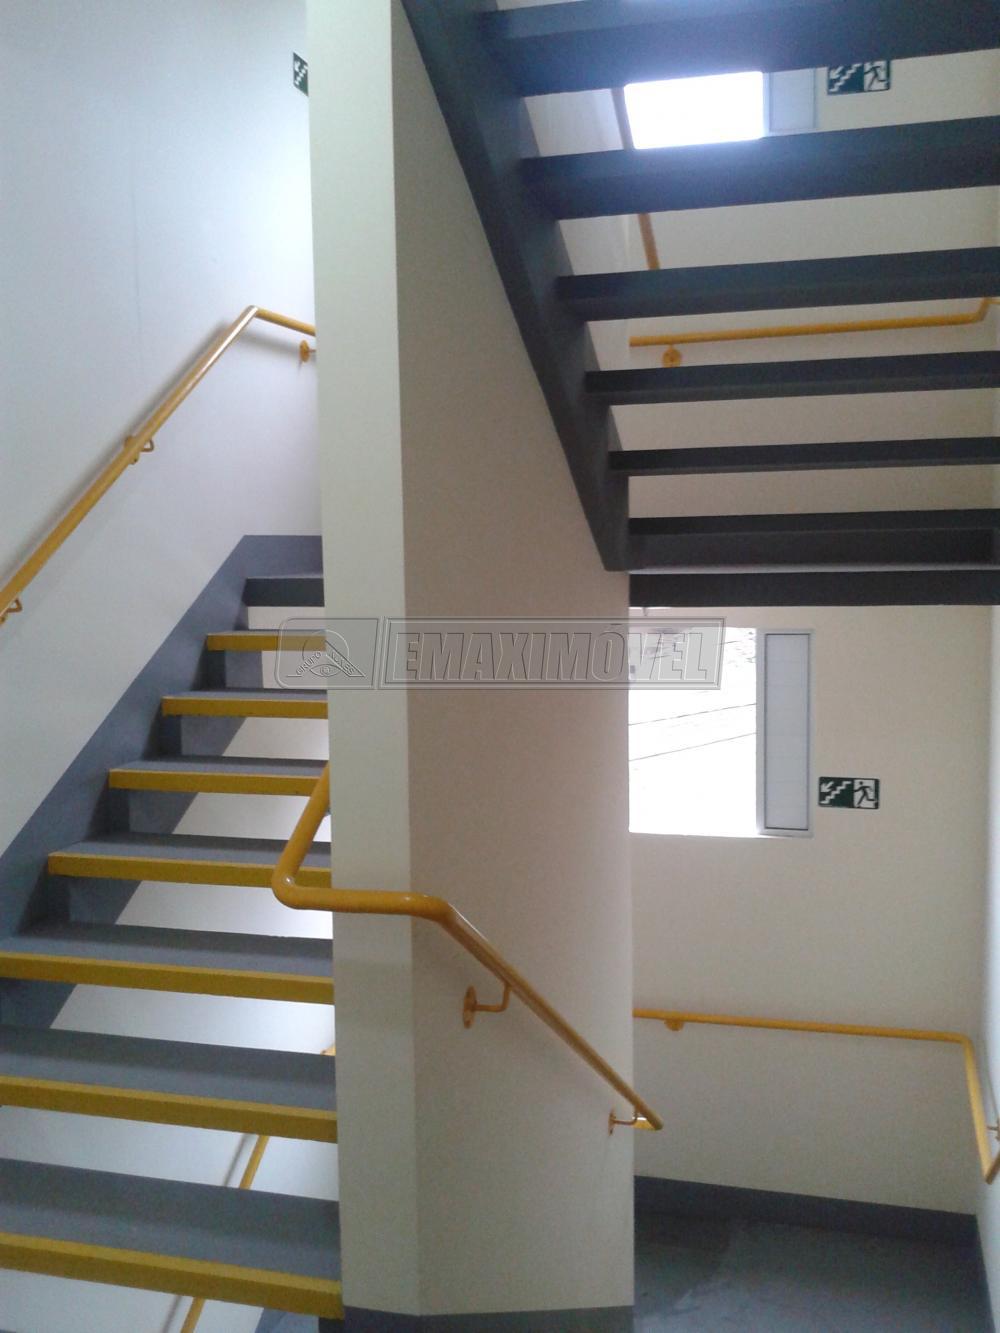 Comprar Apartamento / Padrão em Sorocaba R$ 167.000,00 - Foto 13